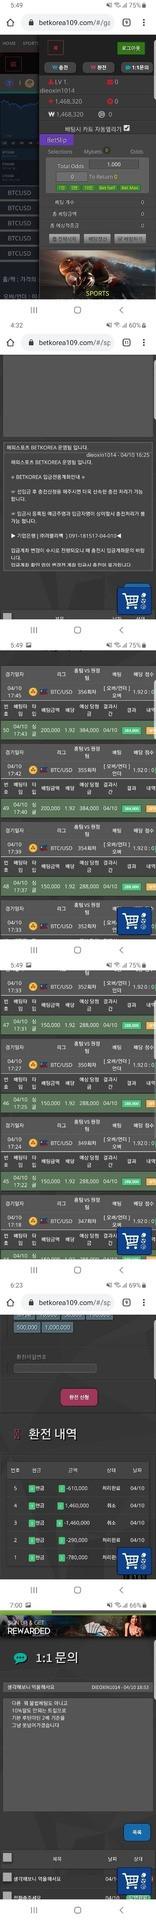 벳코리아 먹튀 betkorea109.com - 먹튀사전 먹튀확정 먹튀검증 토토사이트